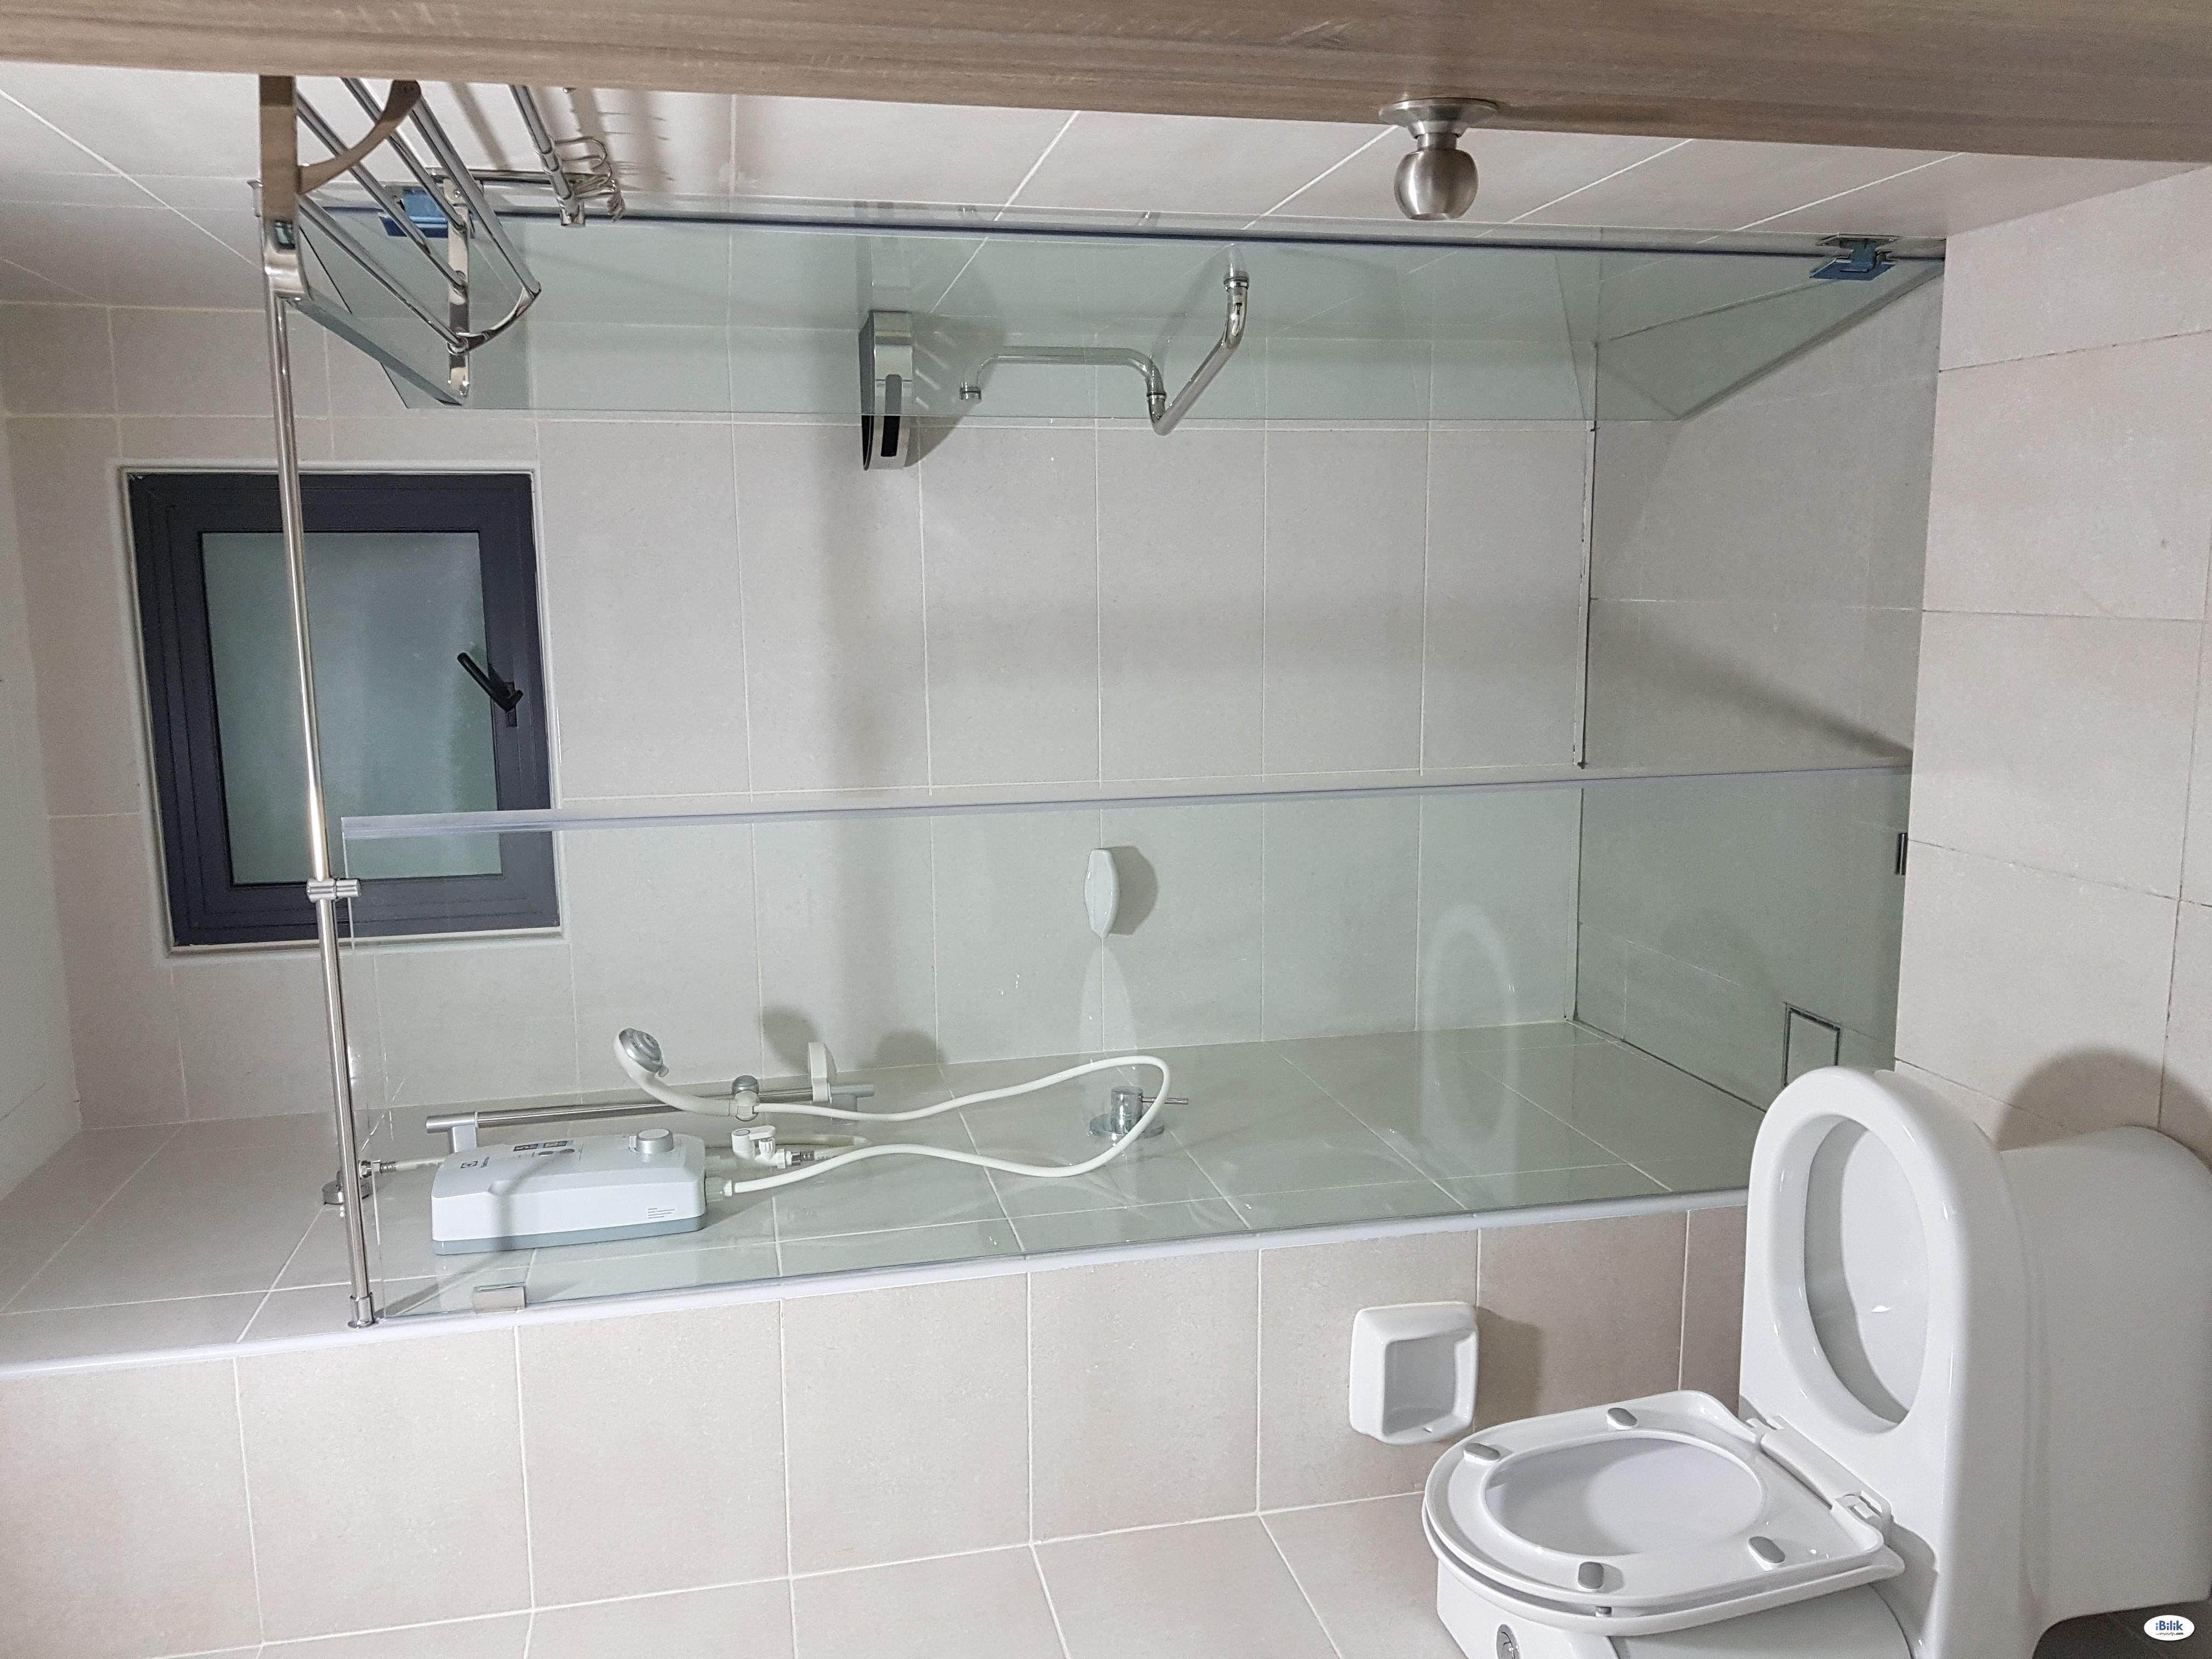 Luxury Condominium Single Room at Bandar Perda, Bukit Tengah, Bukit Mertajam